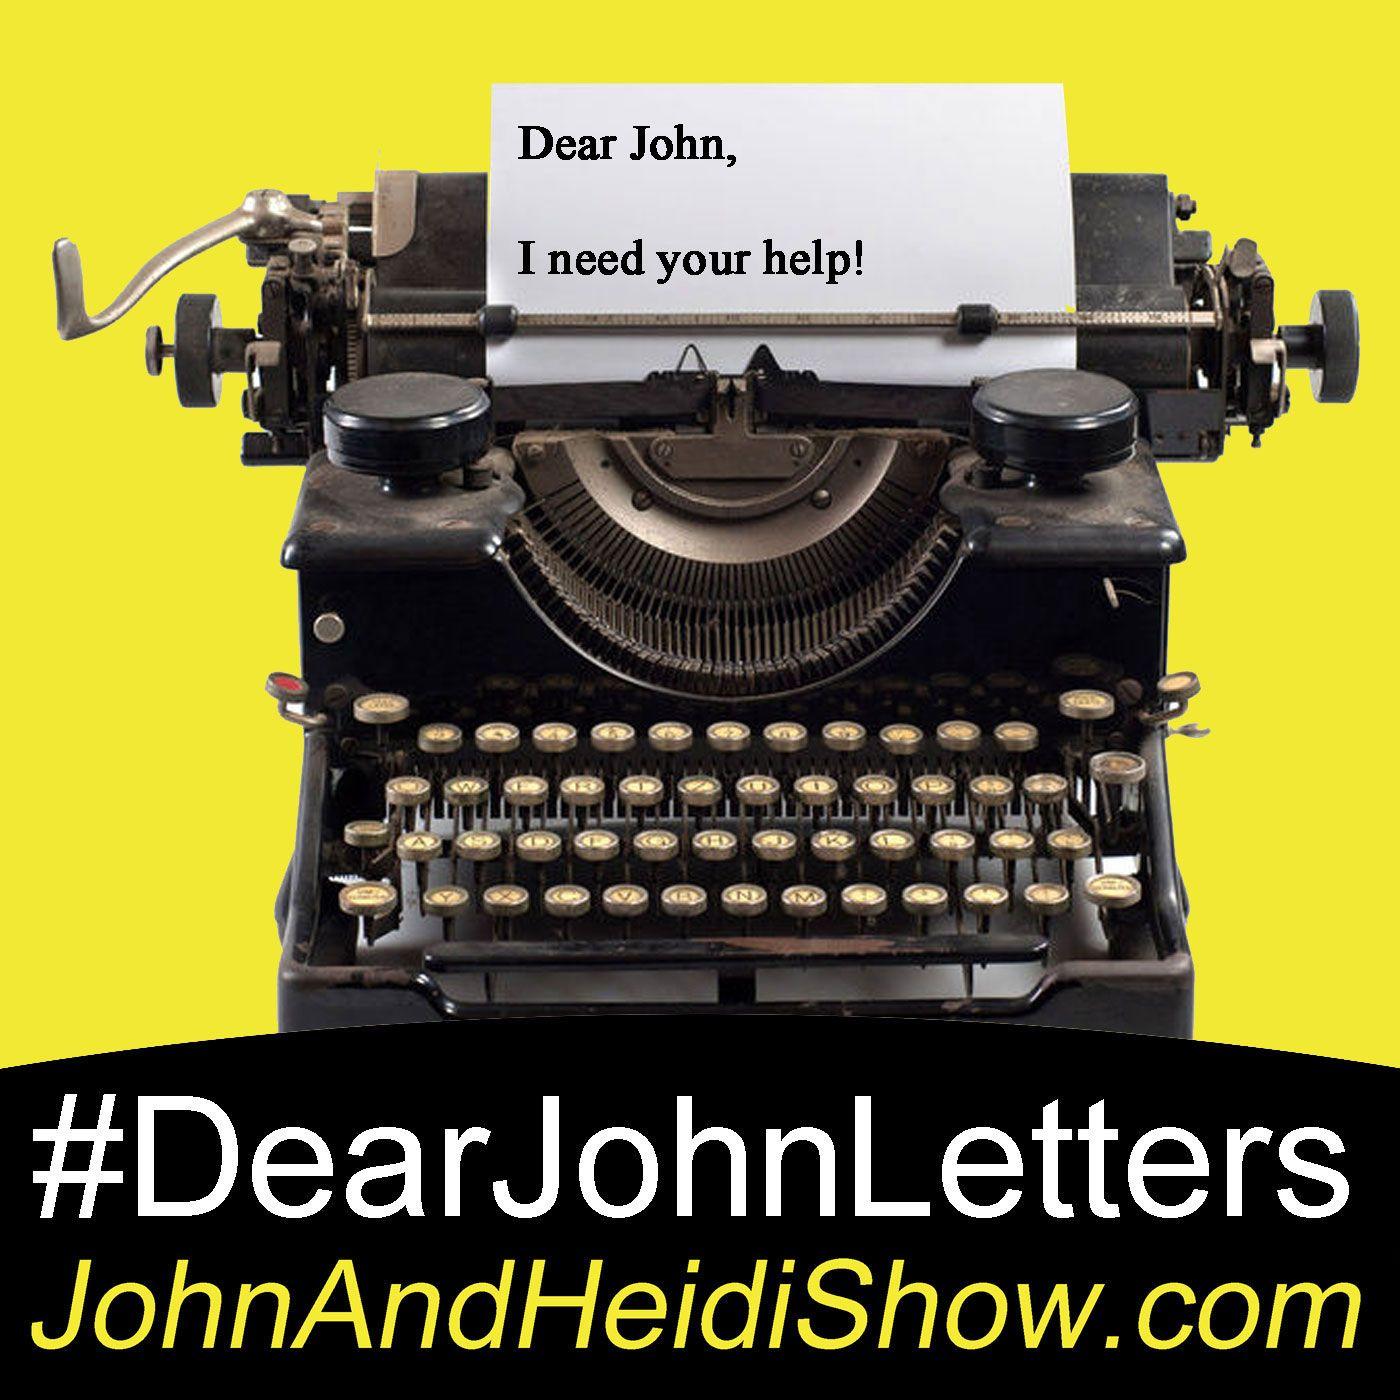 09-24-20-John And Heidi Show-DearJohnLetters